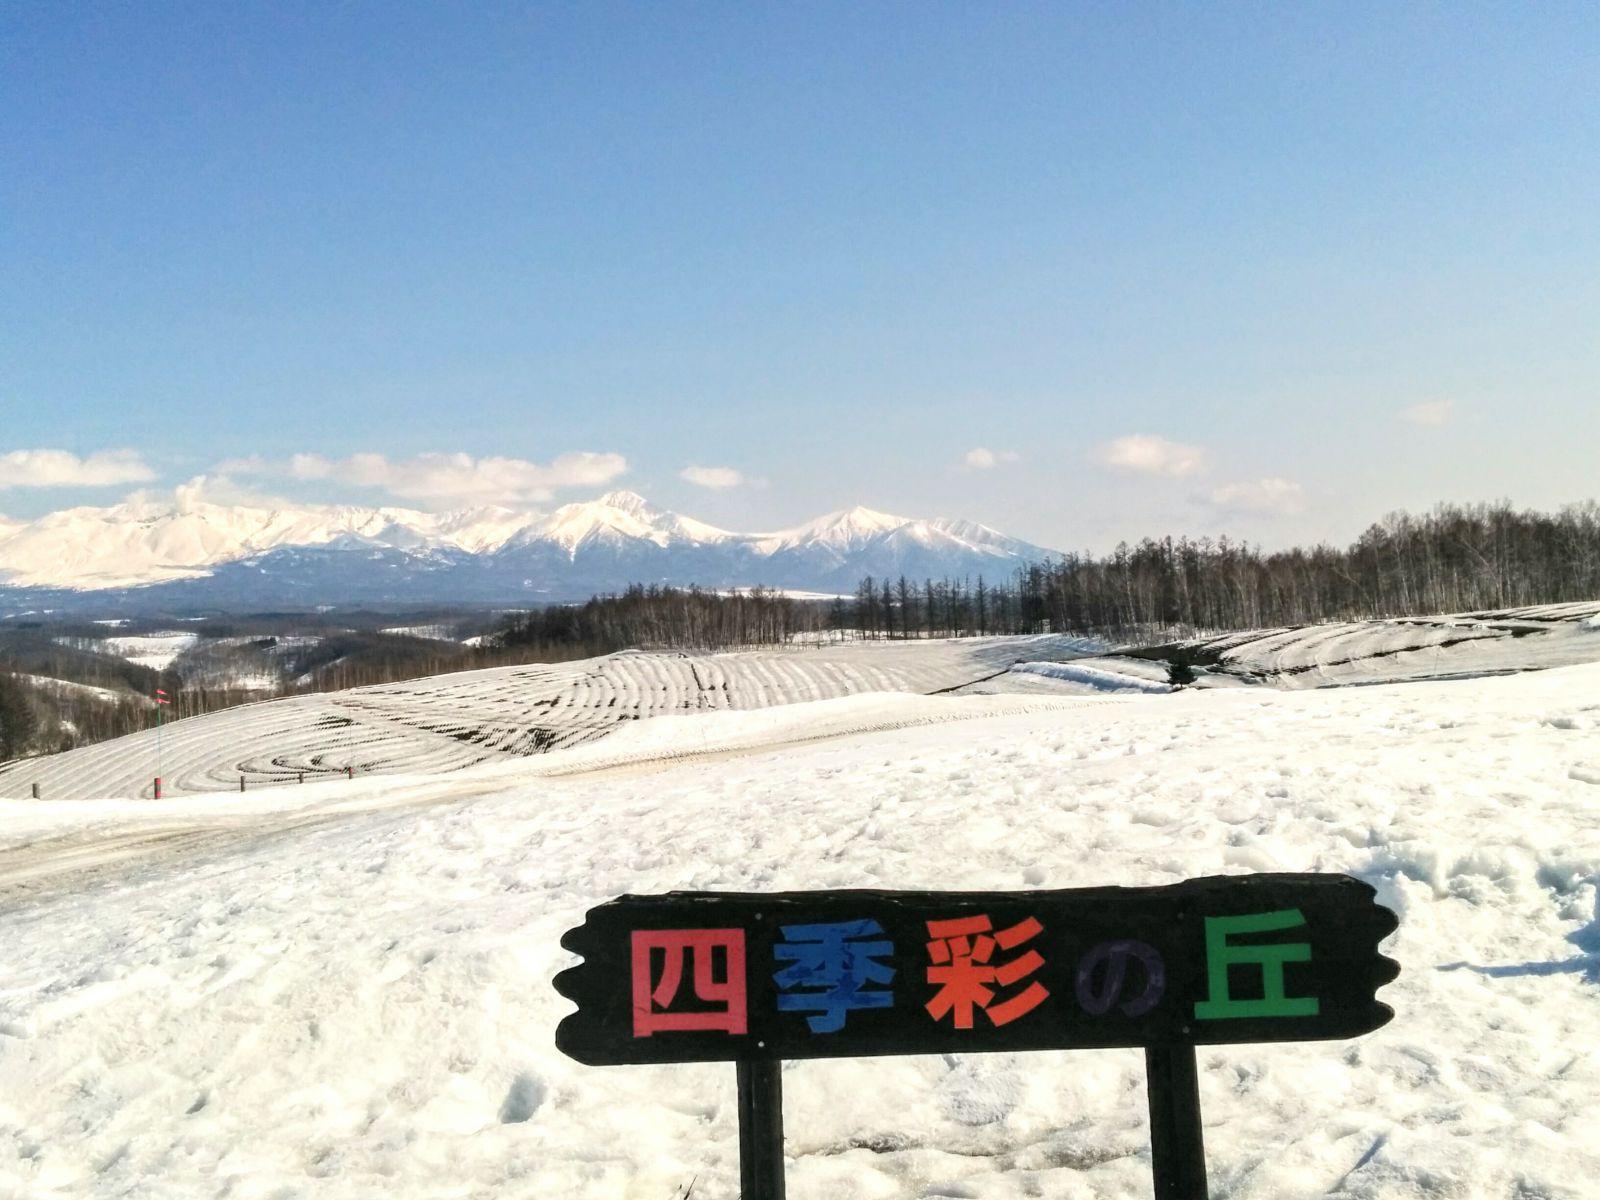 【美瑛】冬の四季彩の丘観光タクシー